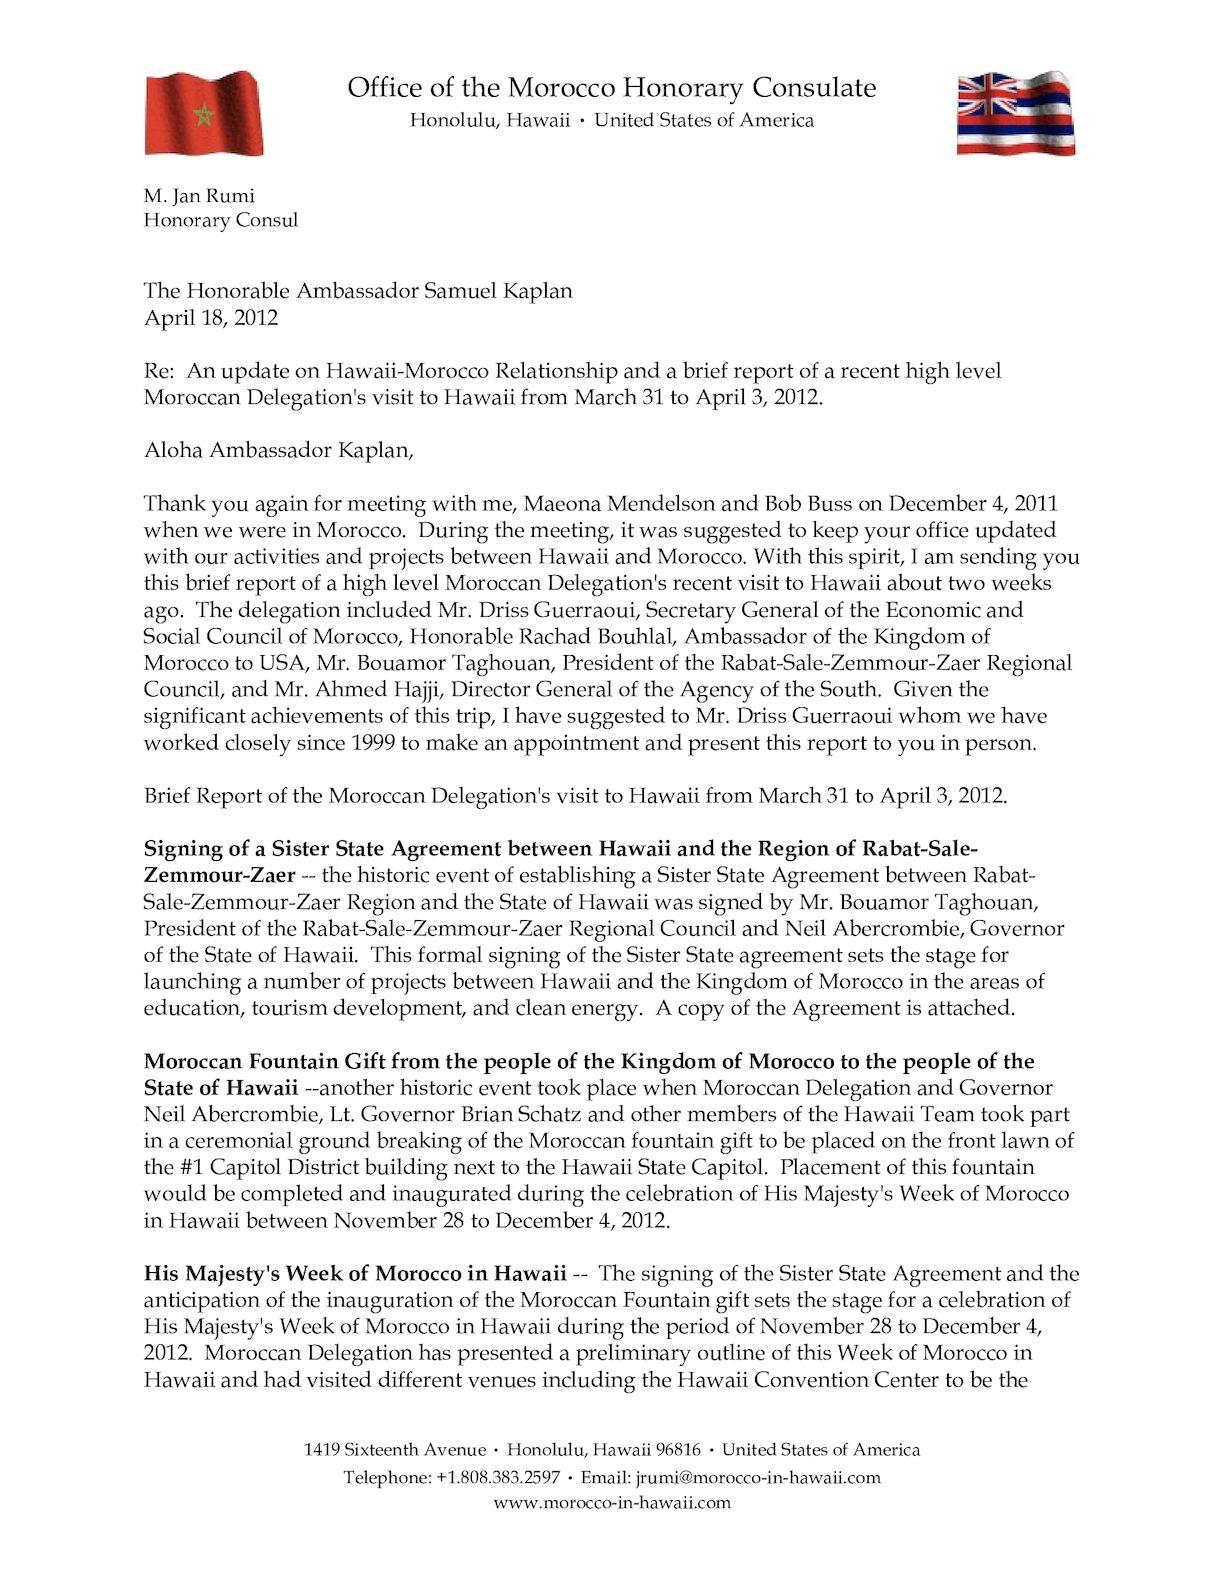 Report To Ambassador Kaplan April 18, 2012